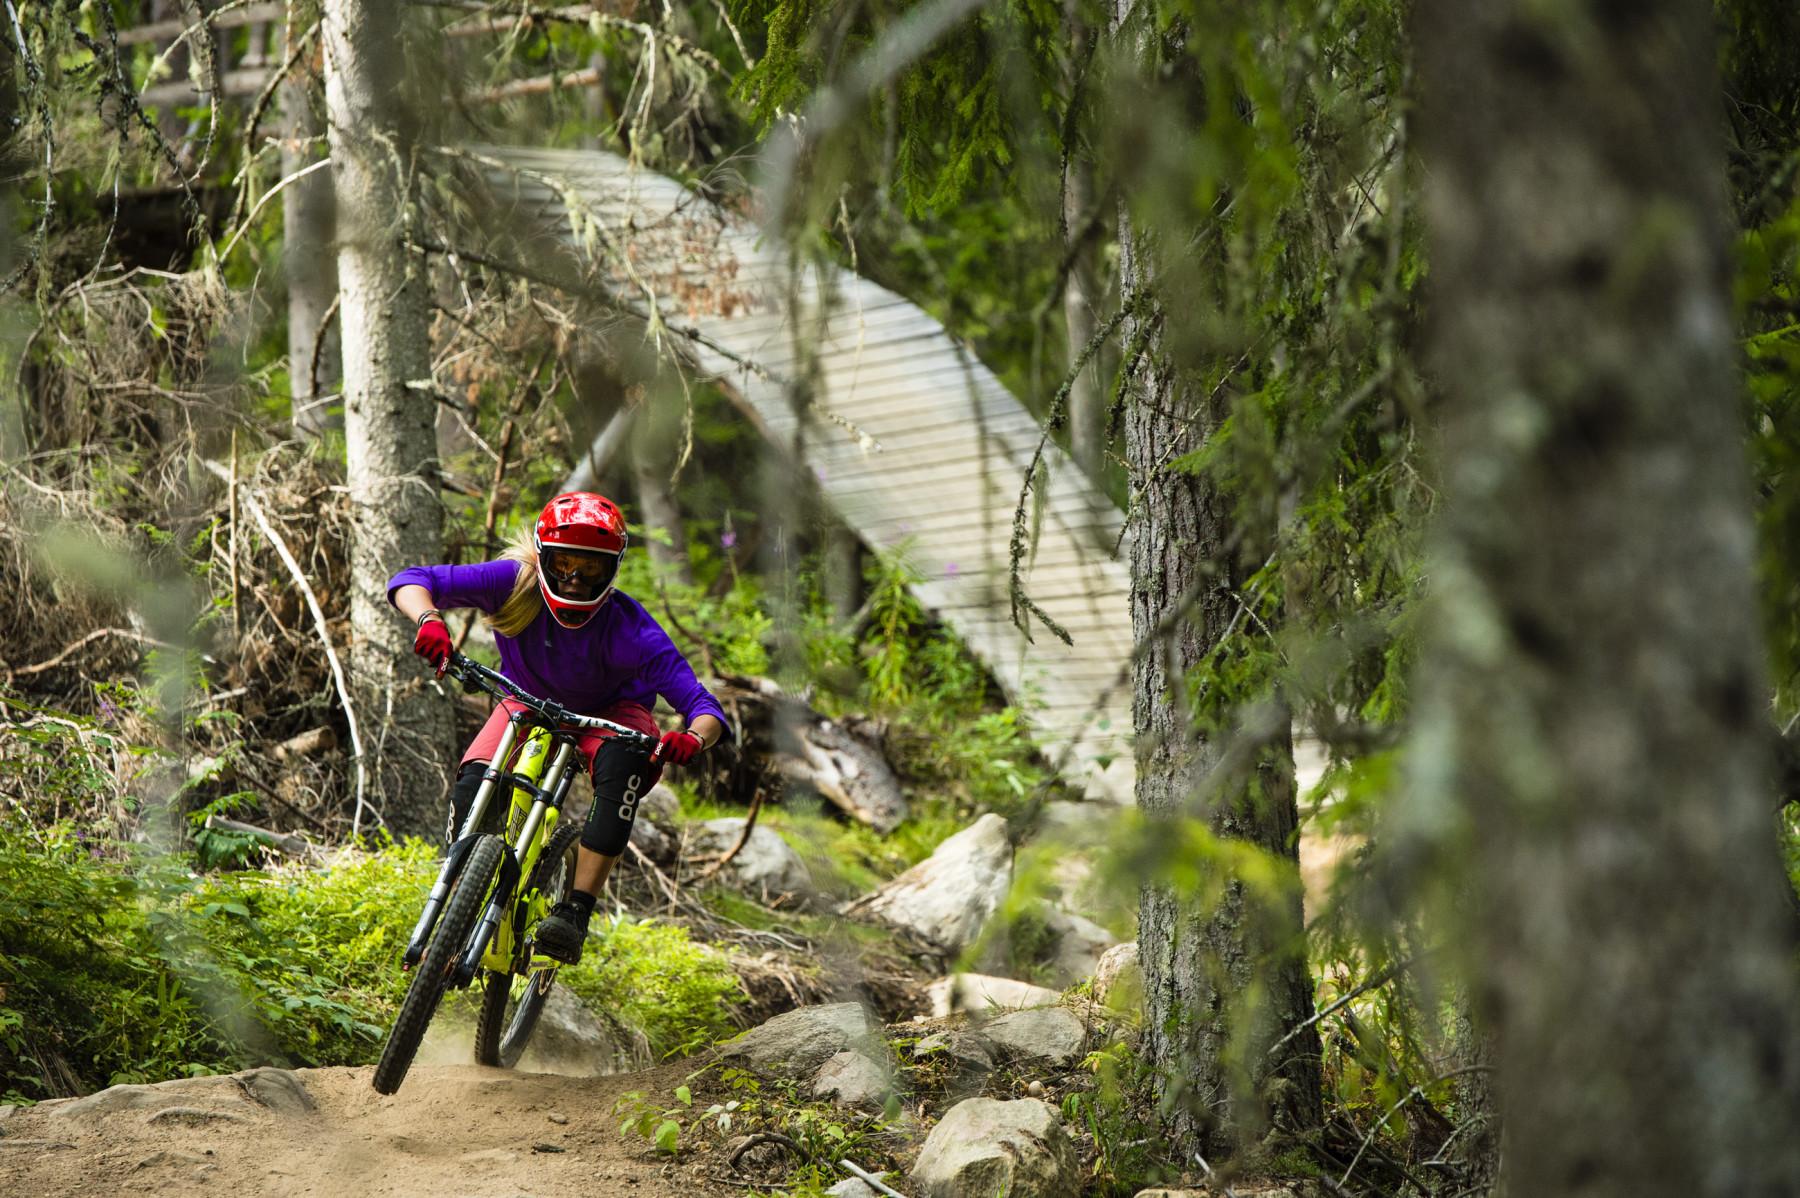 Elin Nilsson riding in Järvsö Bergscykelpark, Hälsingland, Sweden.